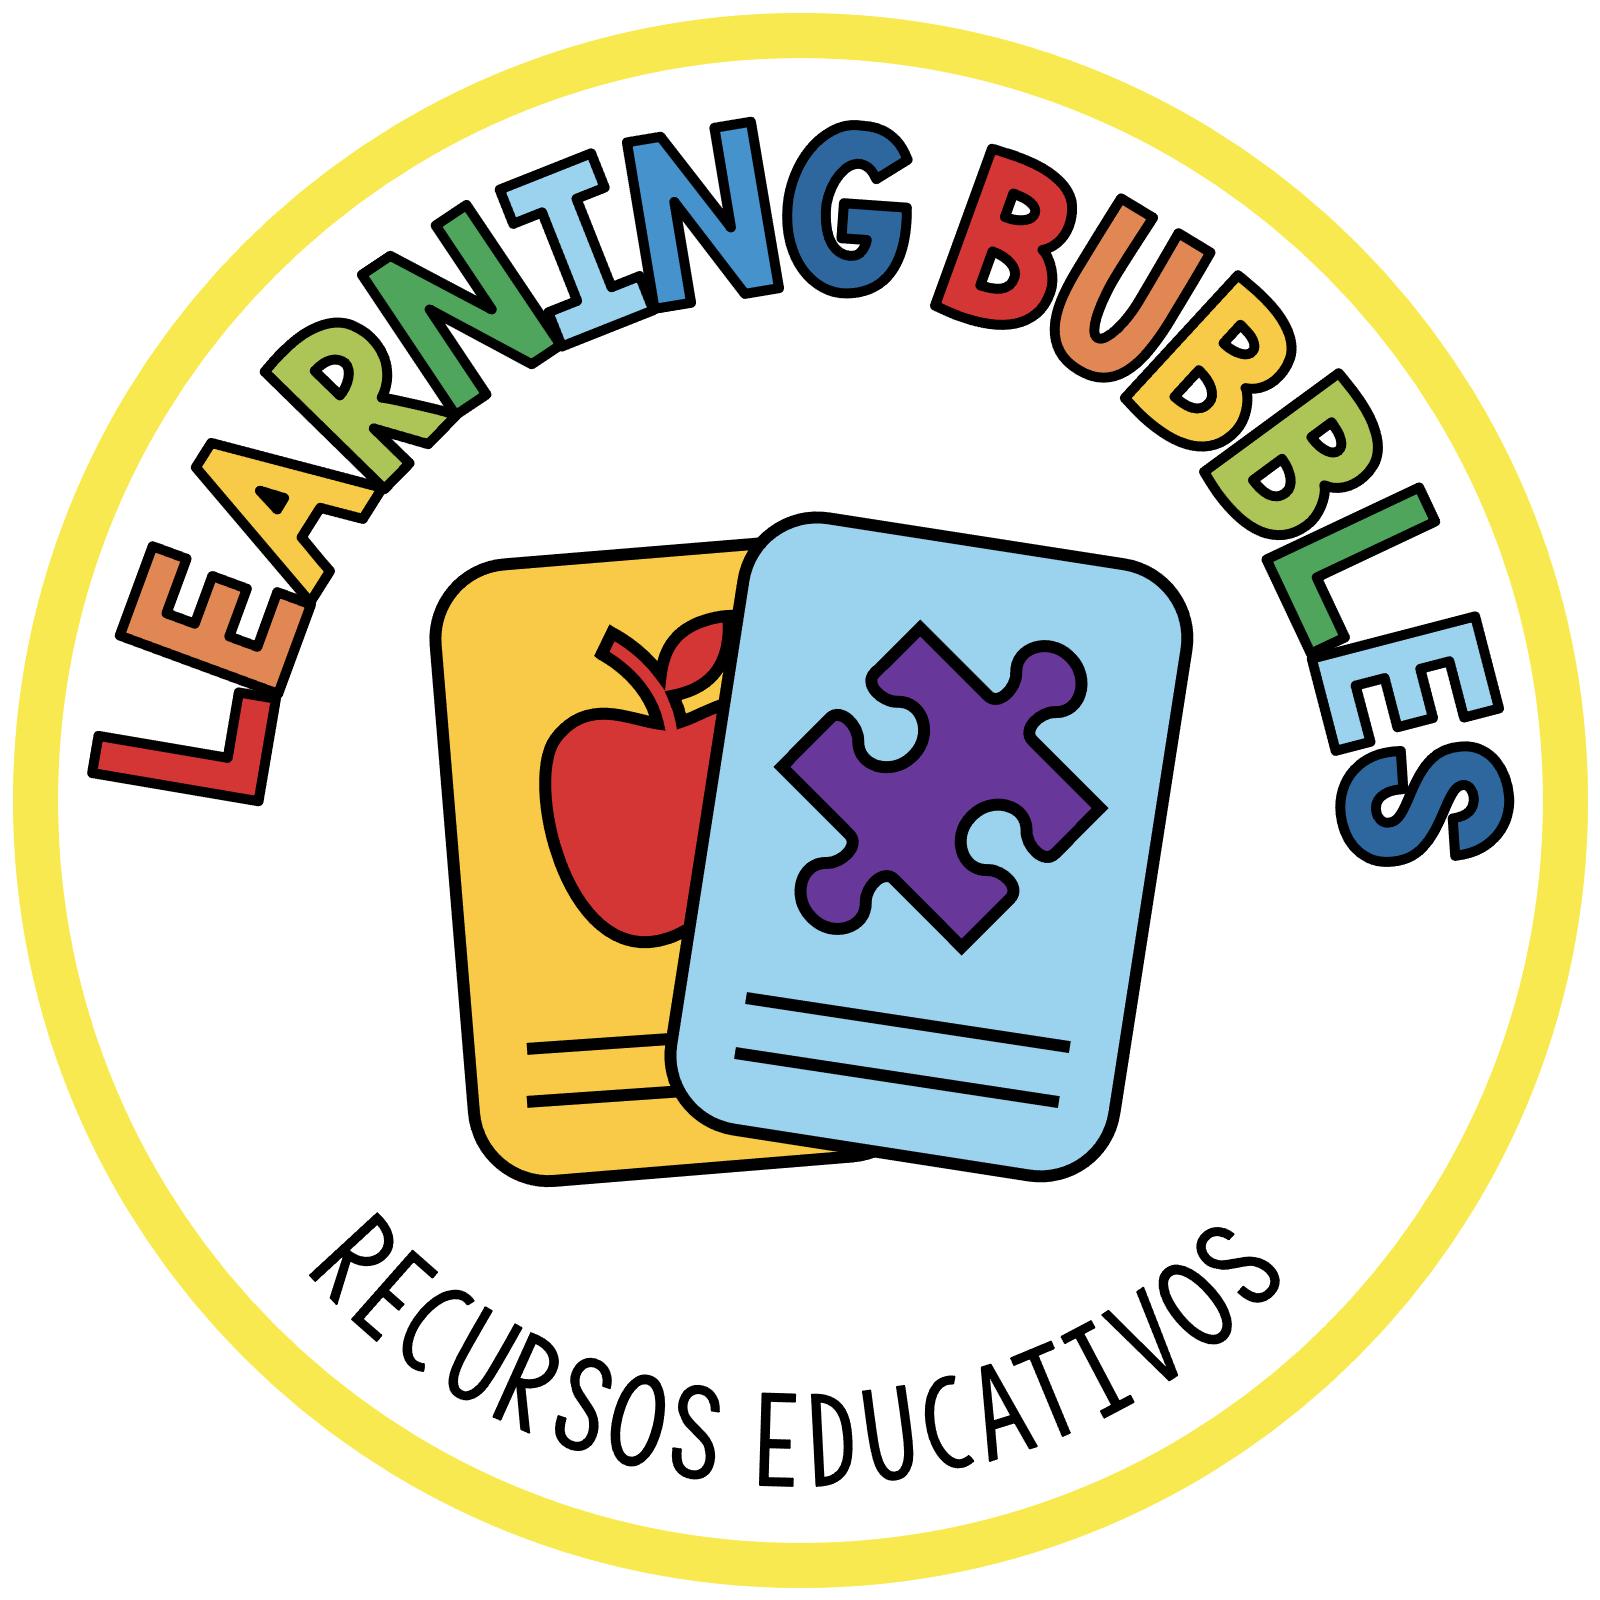 Learning Bubbles- Materiales y recursos educativos descargables